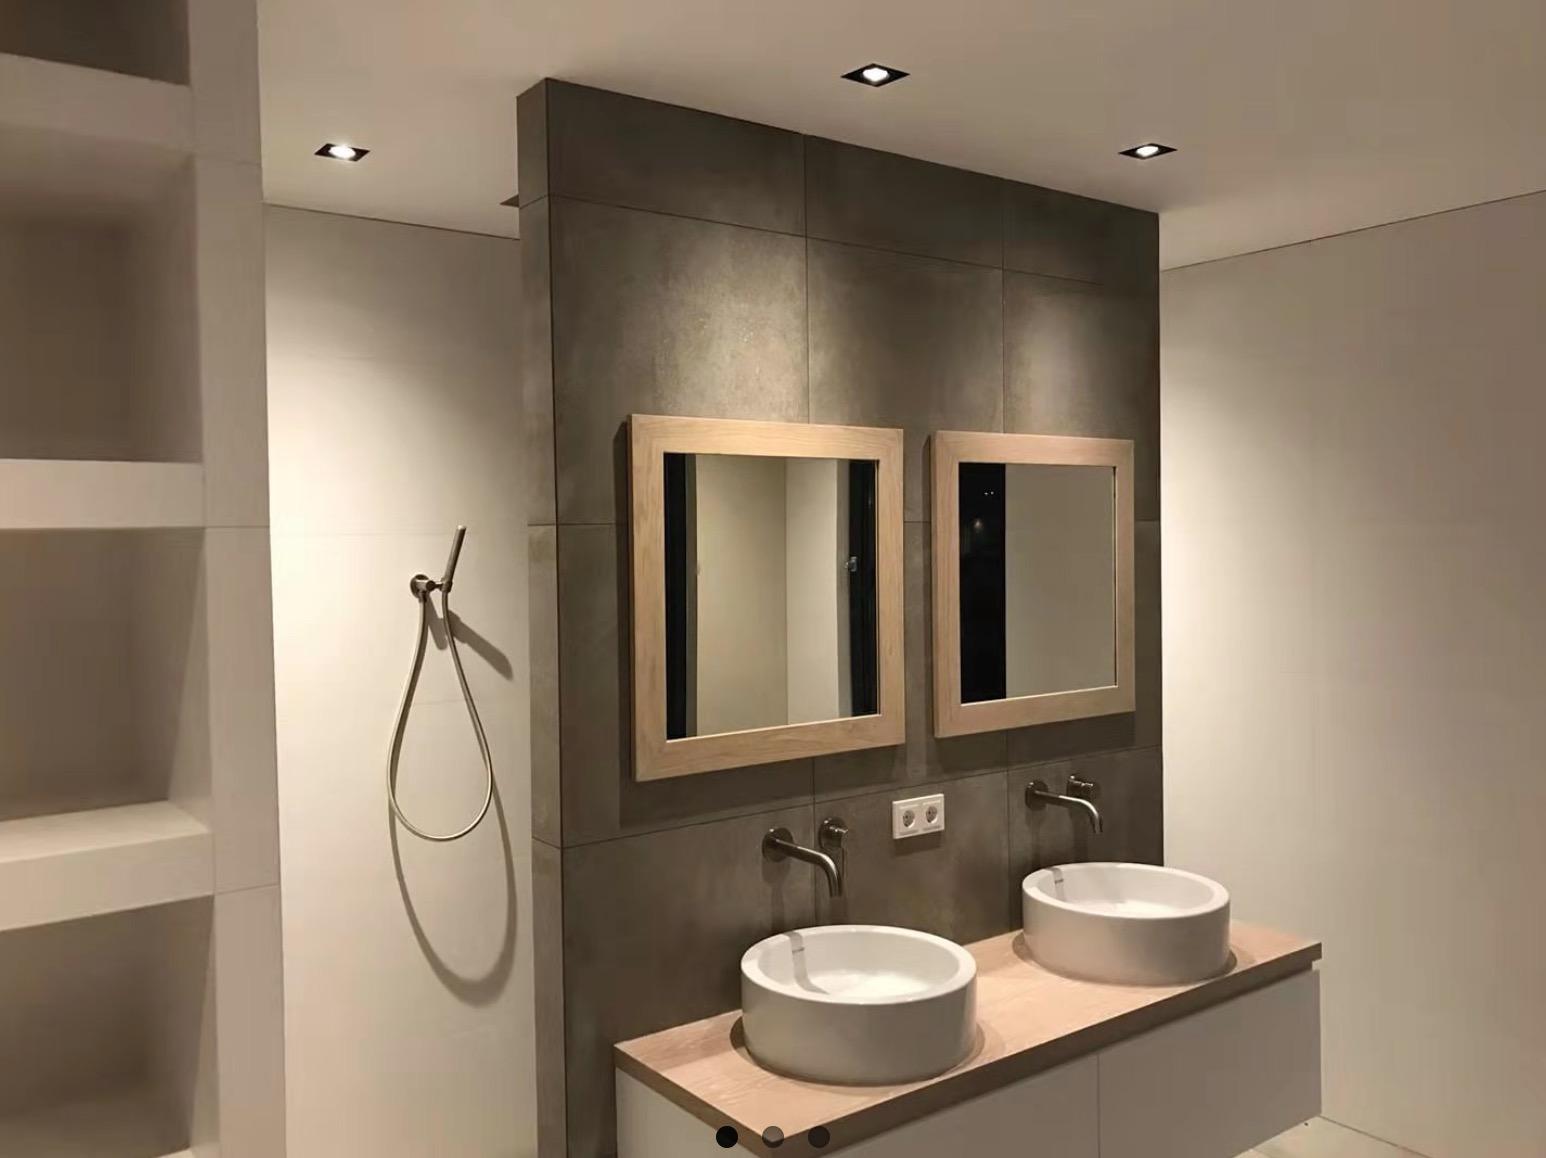 Mise en valeur salle de bain avec spots et collerettes